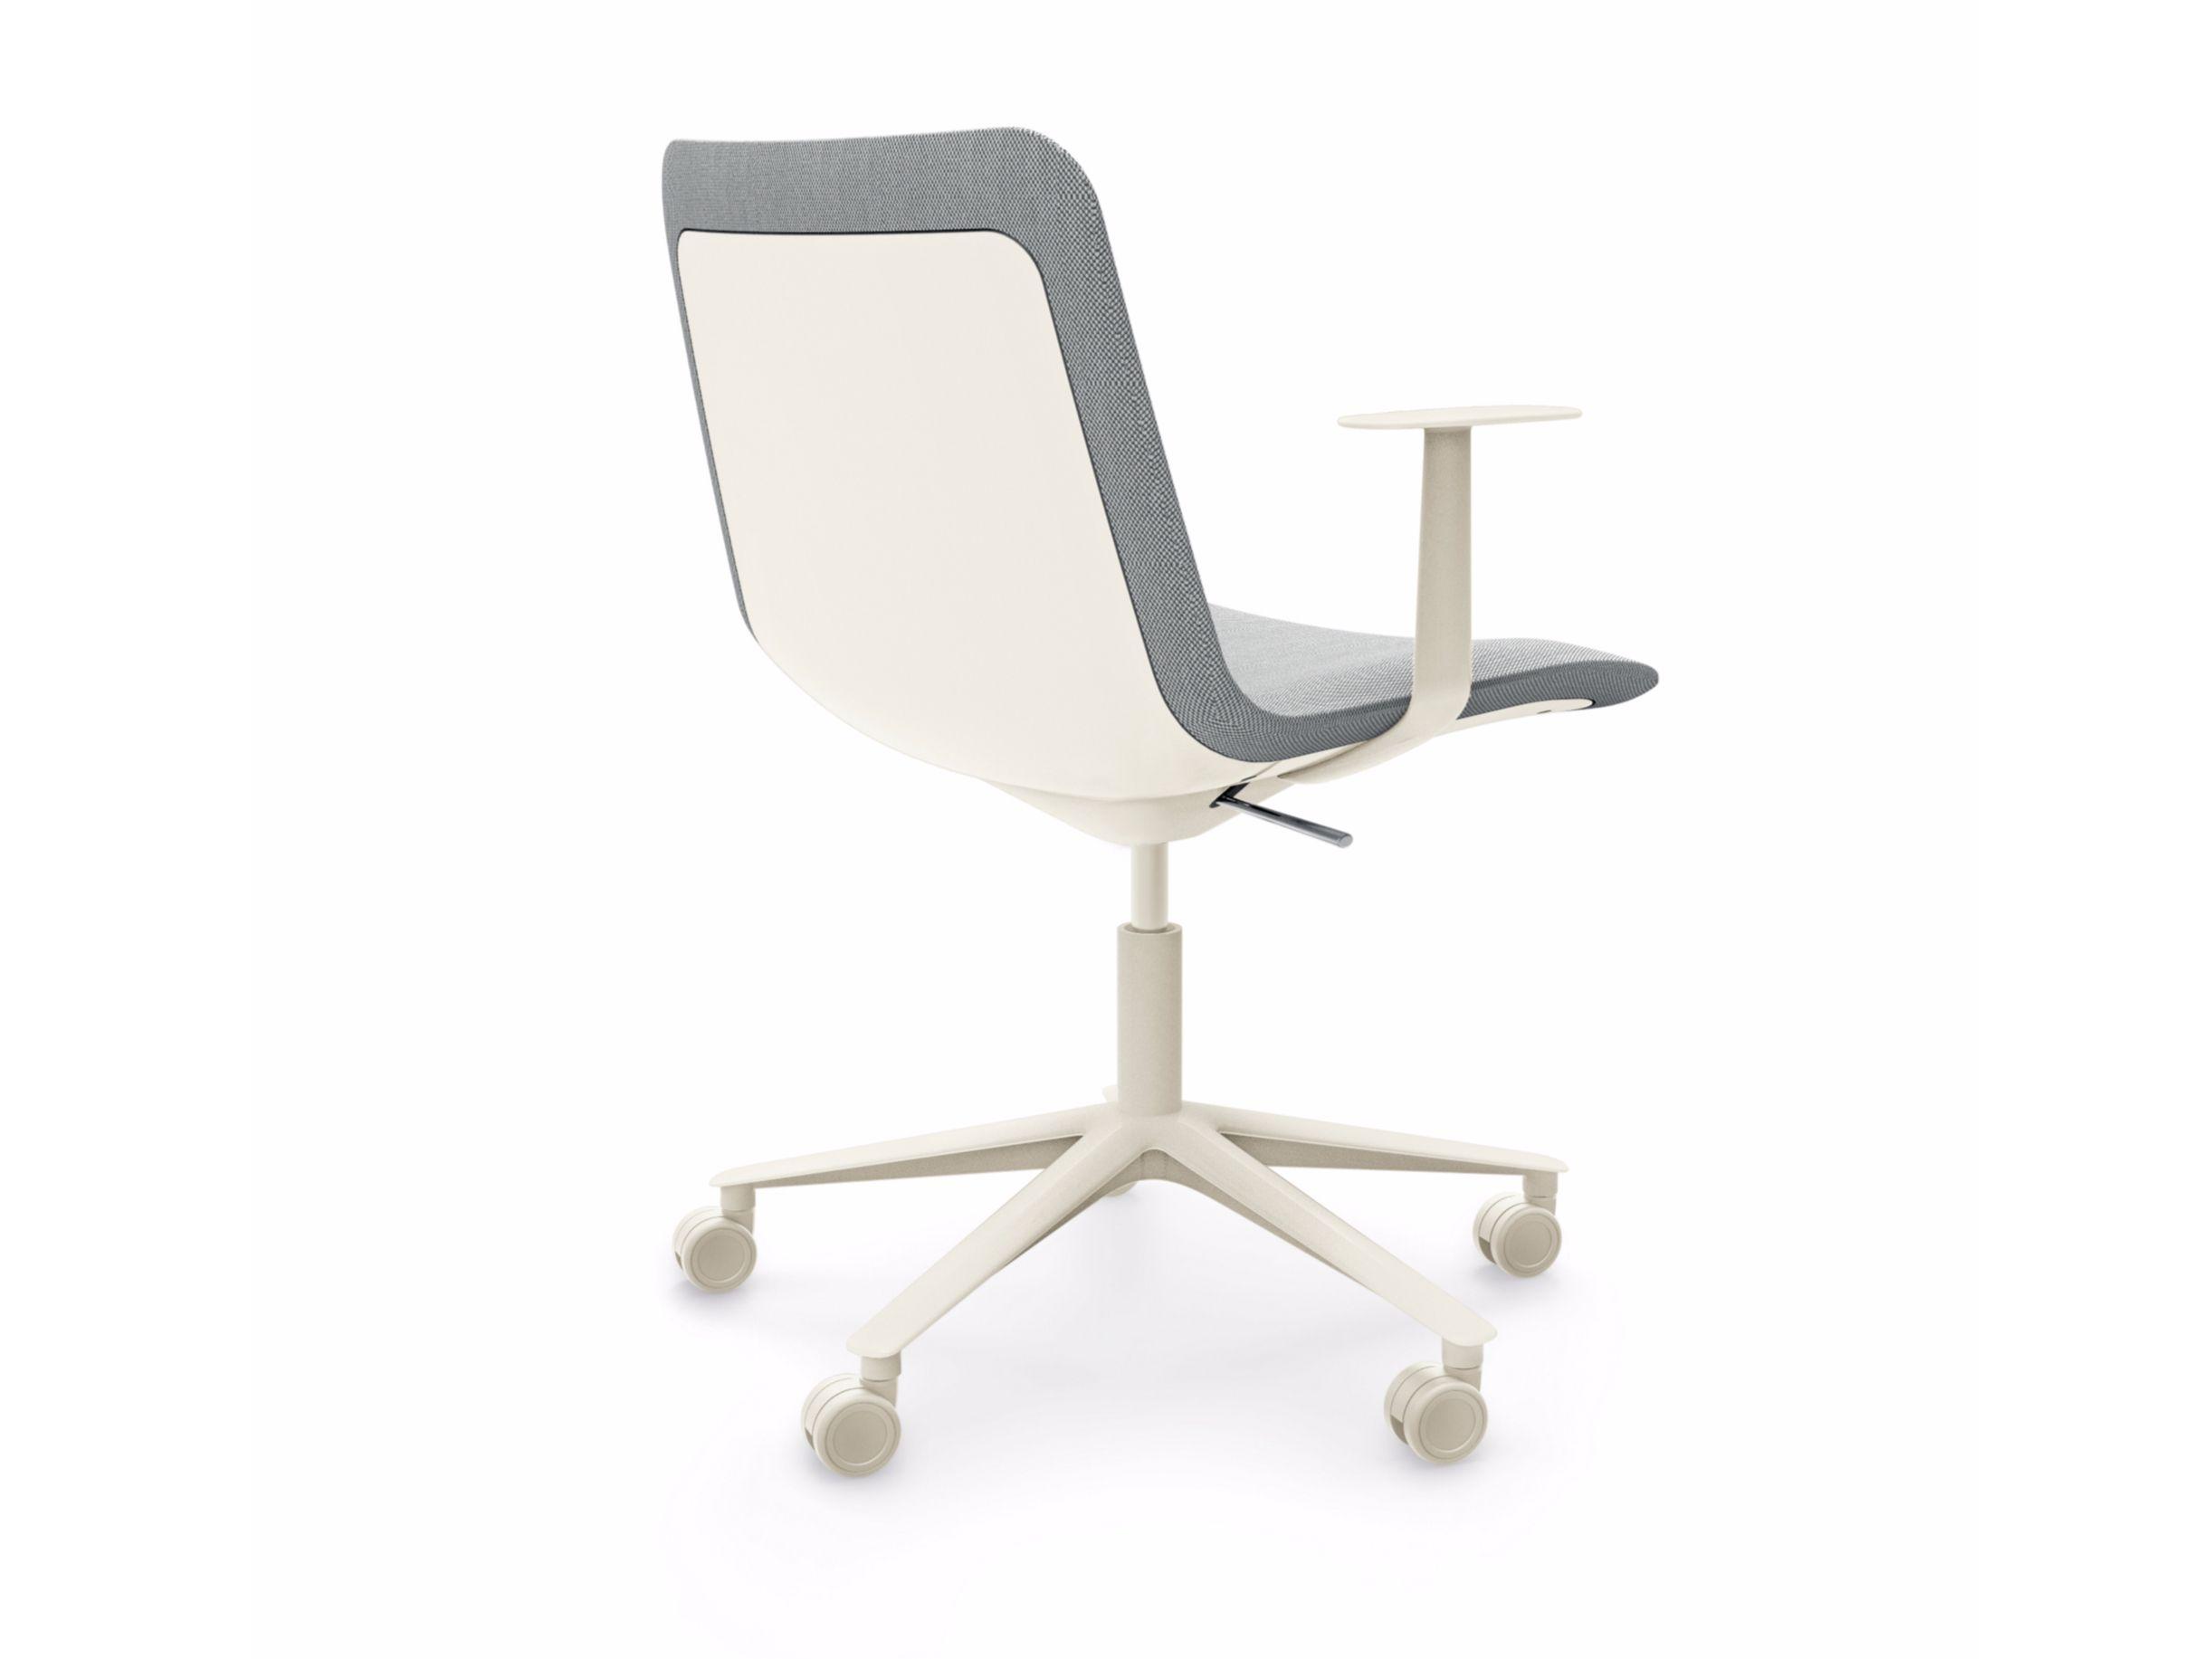 Sedia girevole ad altezza regolabile con braccioli slim for Altezza sedia